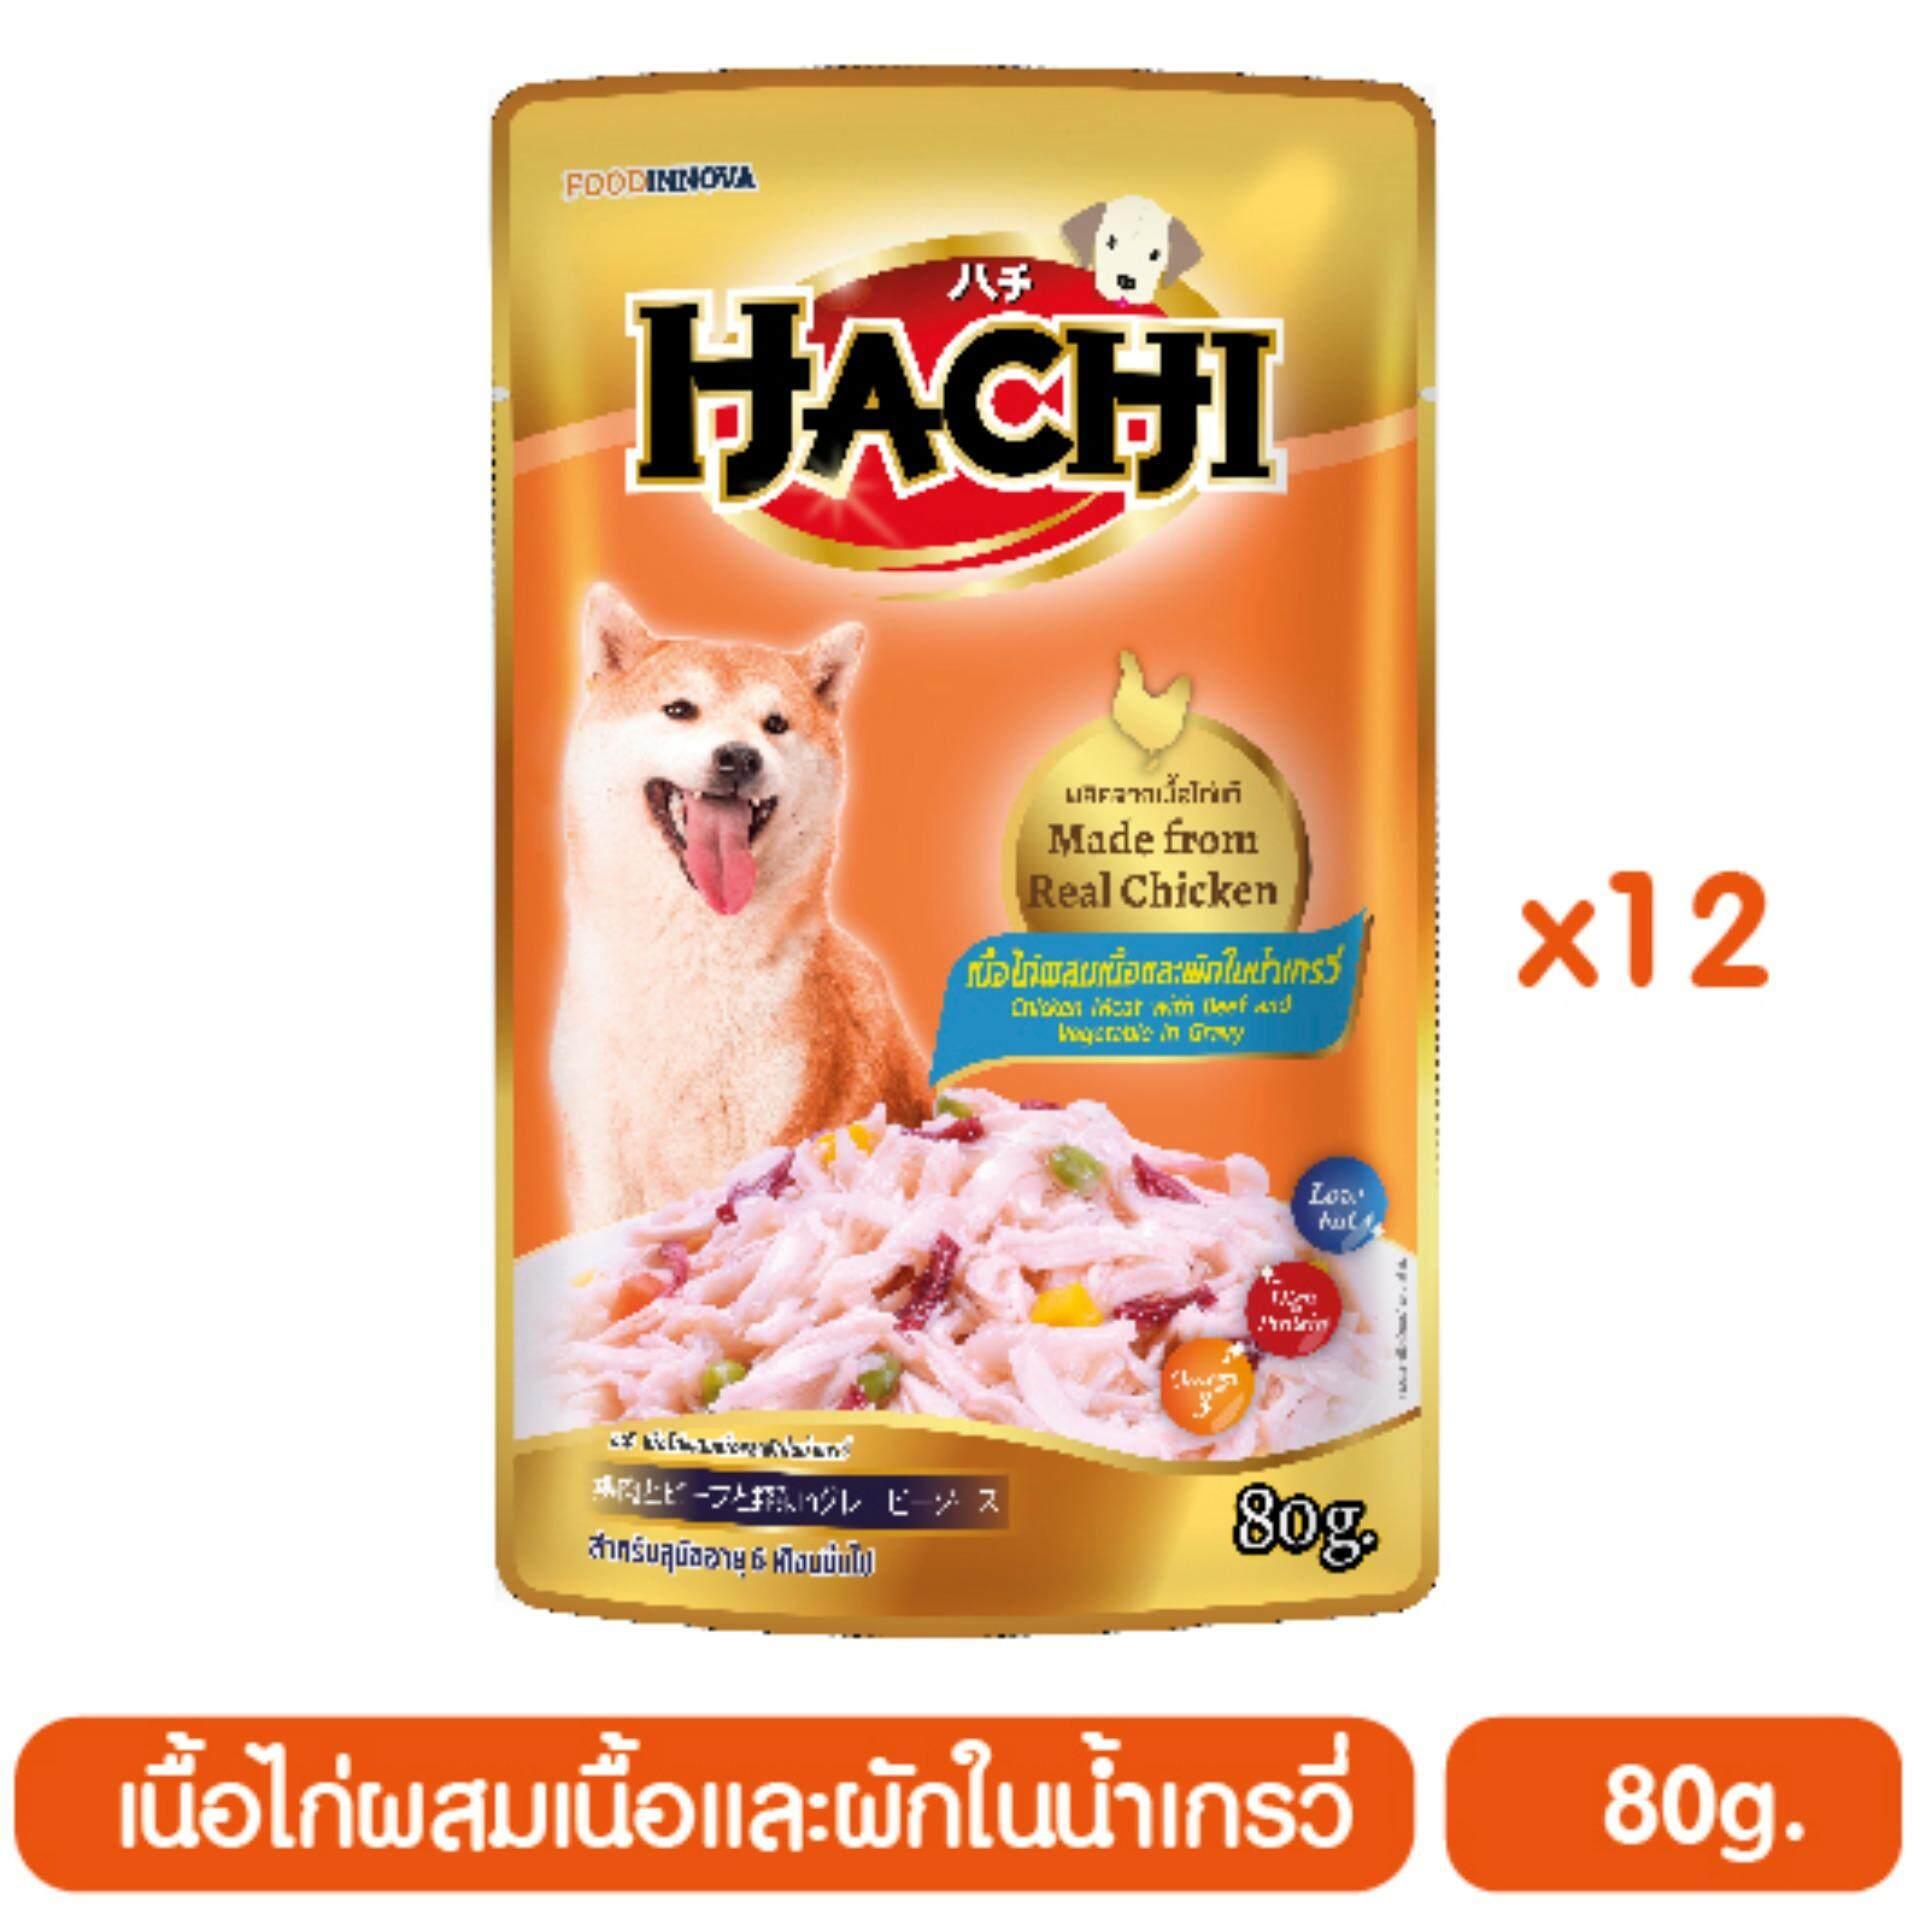 ขาย ซื้อ Hachi ฮะจิ เนื้อไก่ผสมเนื้อและผักในน้ำเกรวี่ 80 G X 12 ซอง